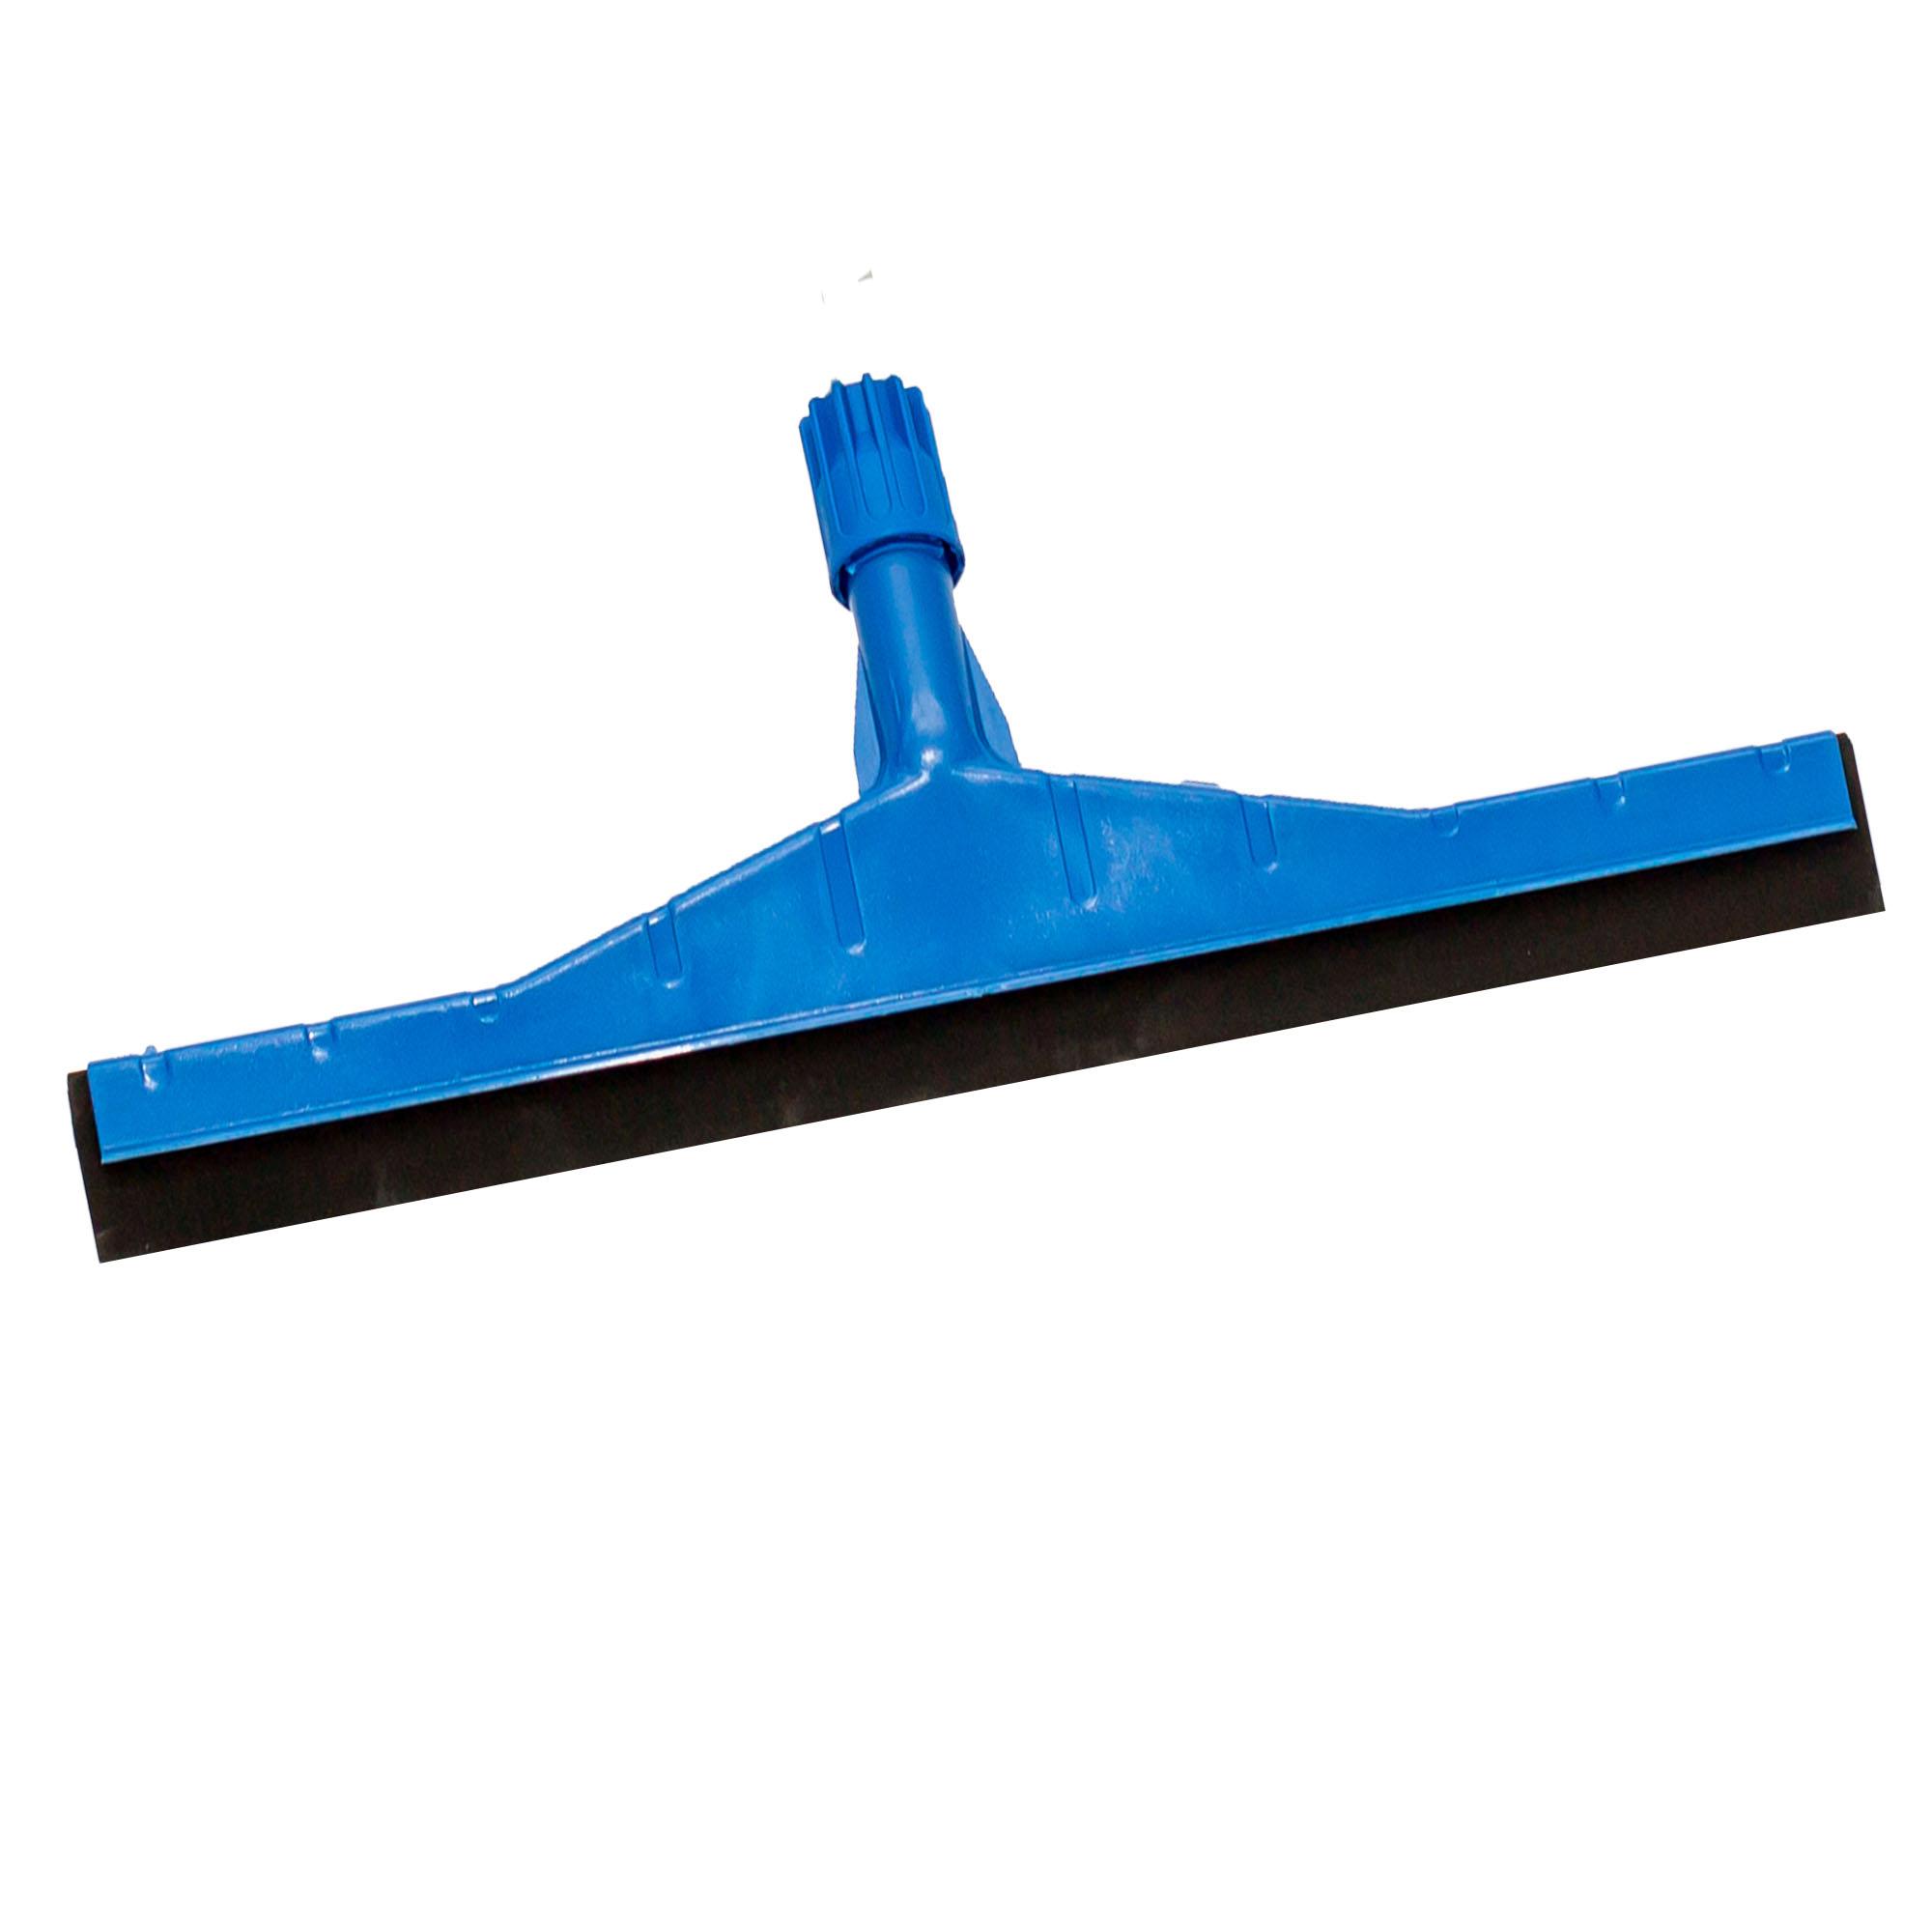 Mustik Plastic Floor Squeegee Ipc Pulex